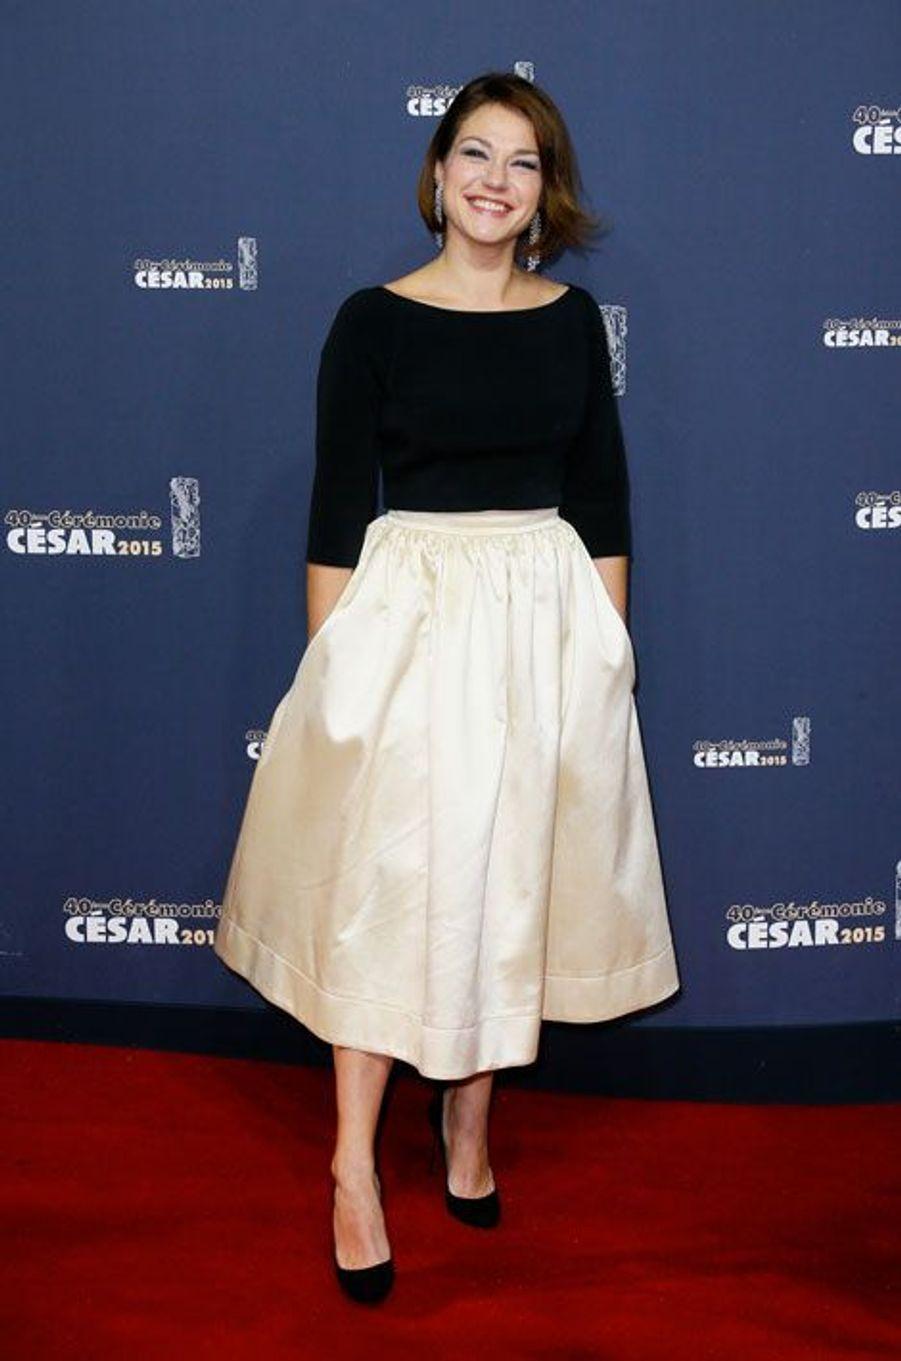 L'actrice Emilie Dequenne lors de la cérémonie des César à Paris, le 20 février 2015